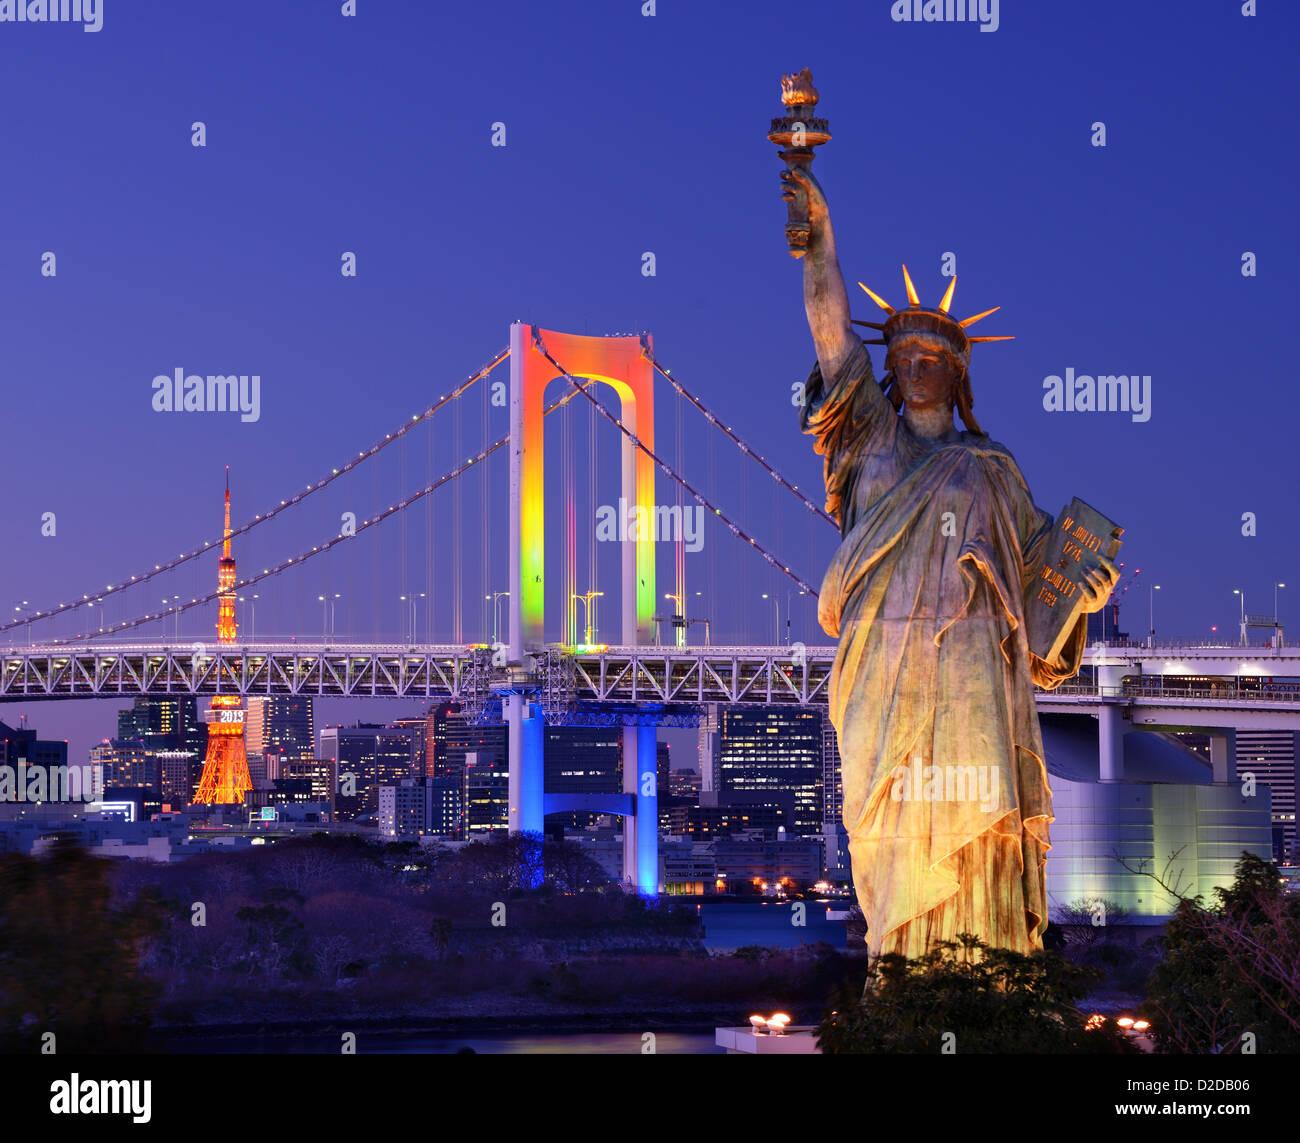 Freiheitsstatue, Regenbogenbrücke, und Tokyo Tower von Odaiba in Tokio gesehen. Stockbild